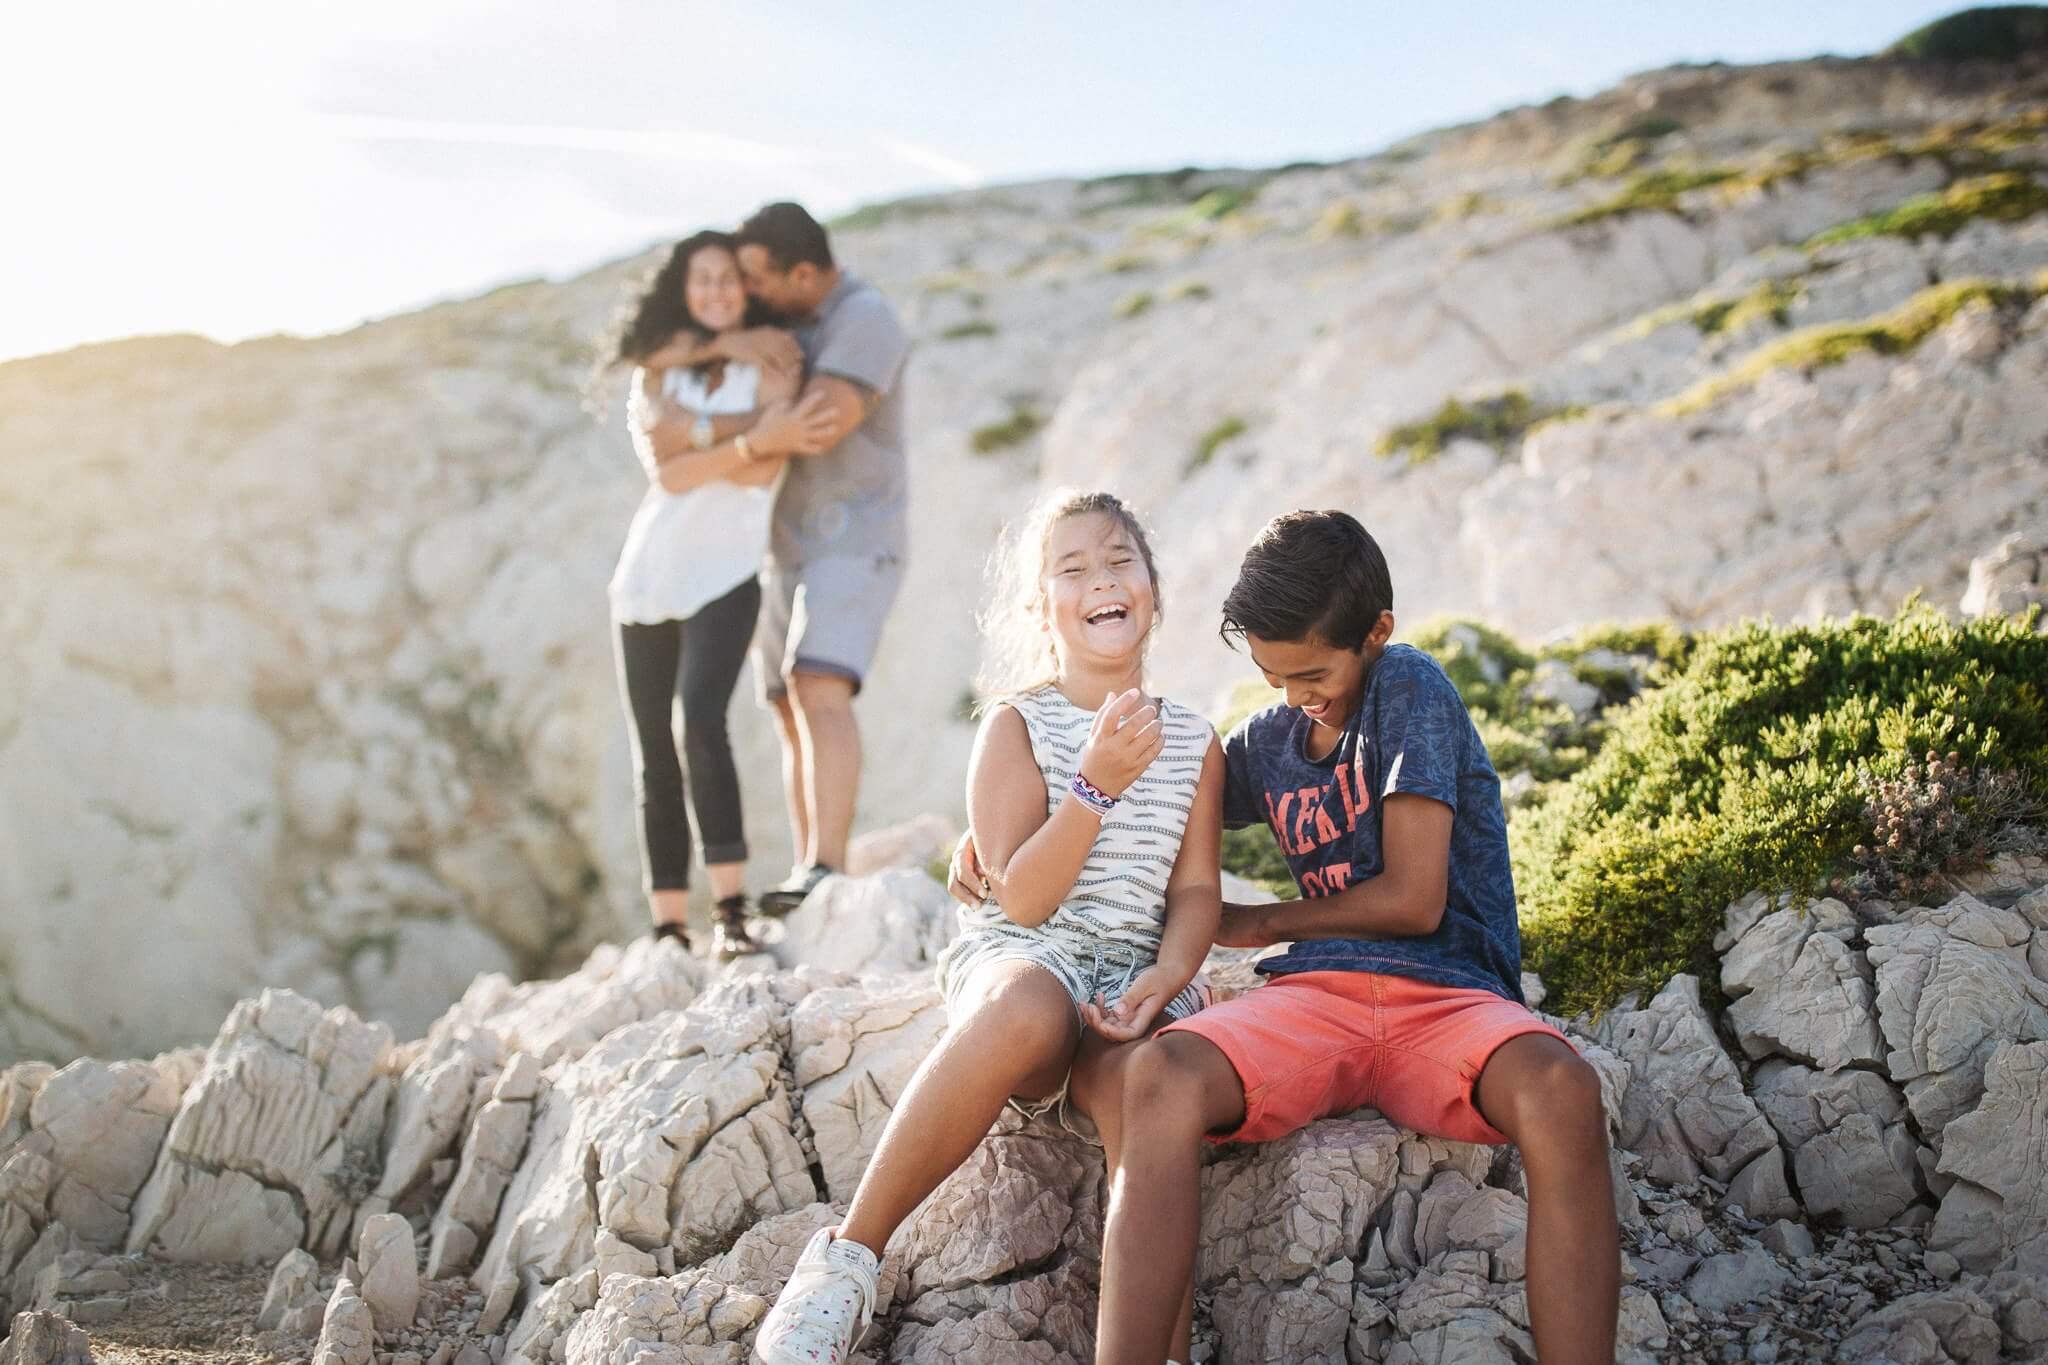 comment-photographier-une-seance-photo-famille-enfant-complicite-exterieur-lifestyle-jeux